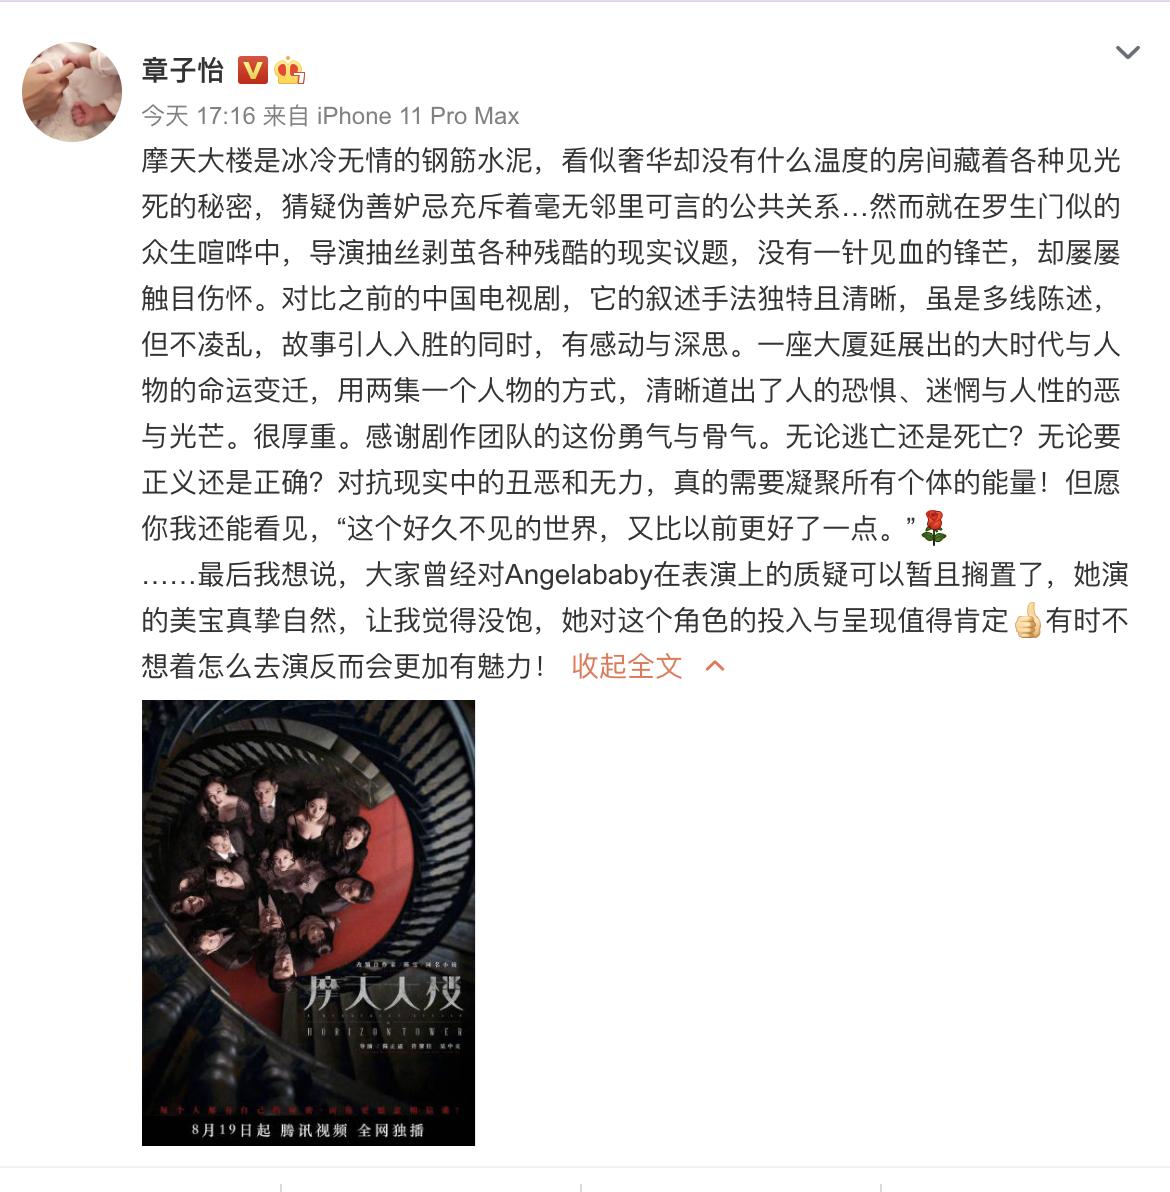 章子怡微博髮長文贊Angelababy演技